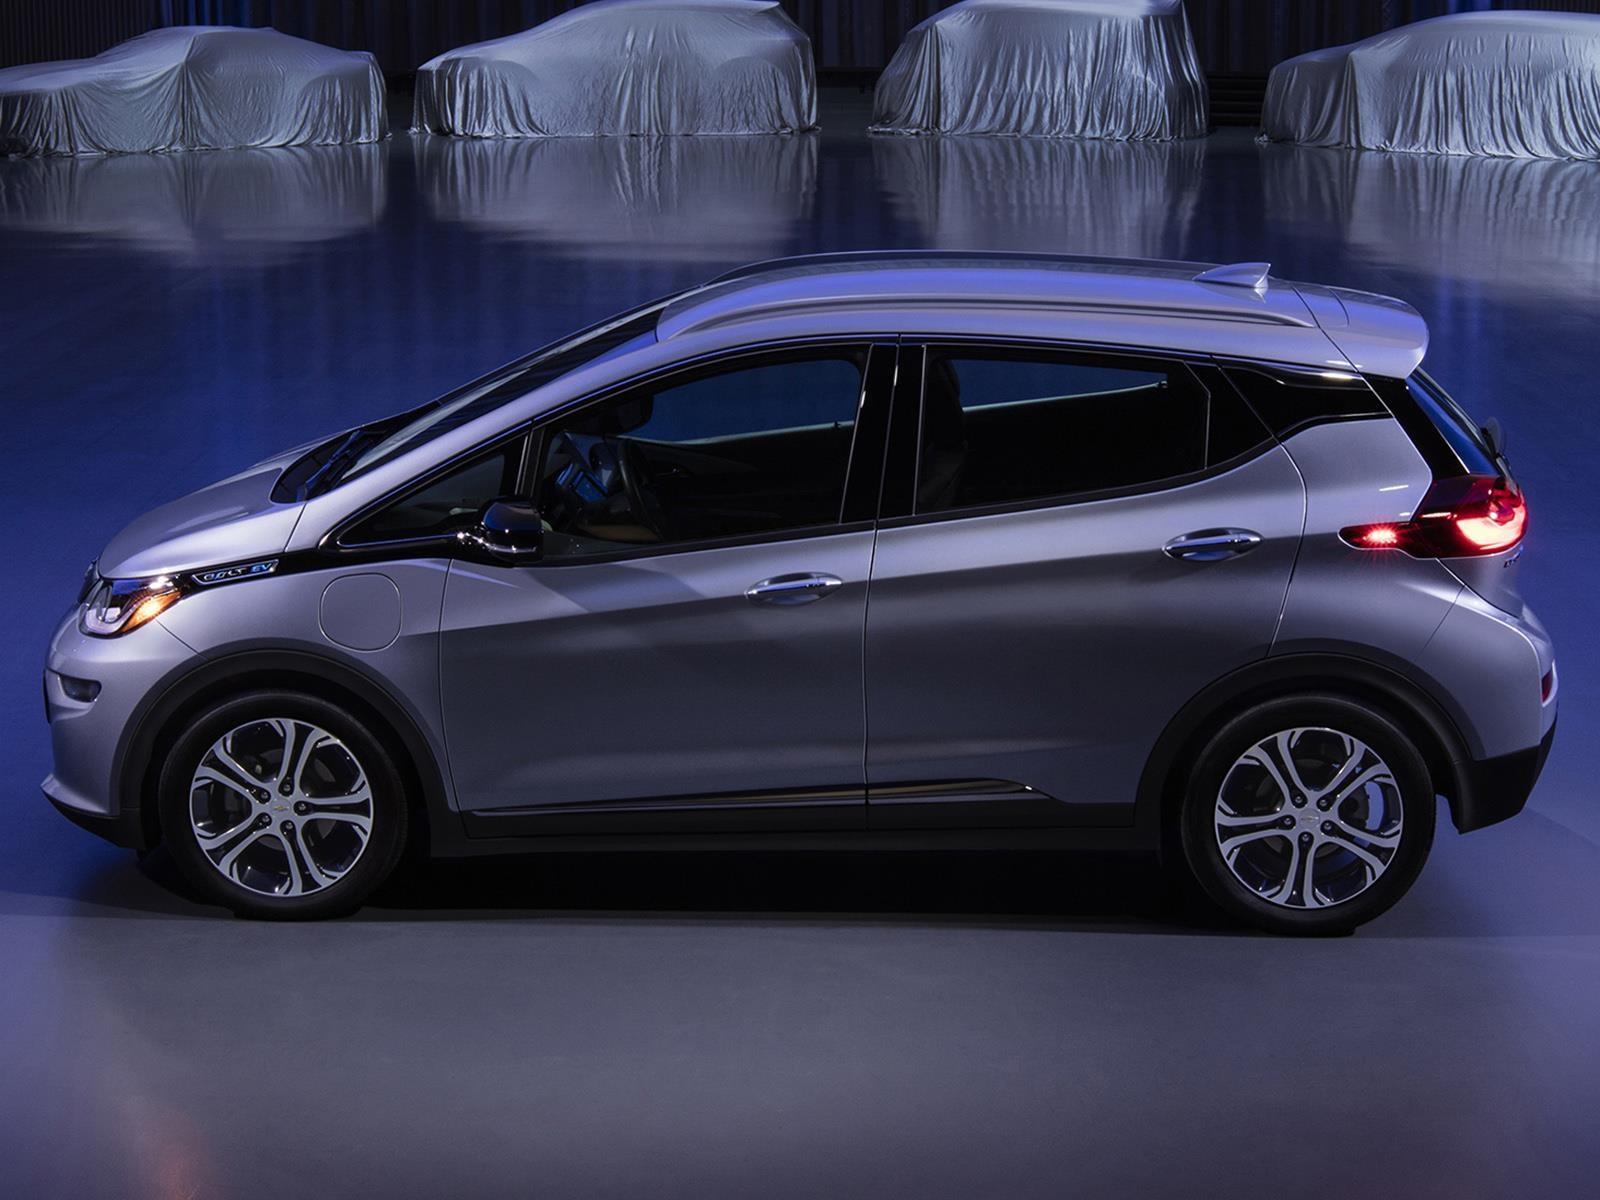 General Motors quiere desarrollar más modelos eléctricos en su linea de productos